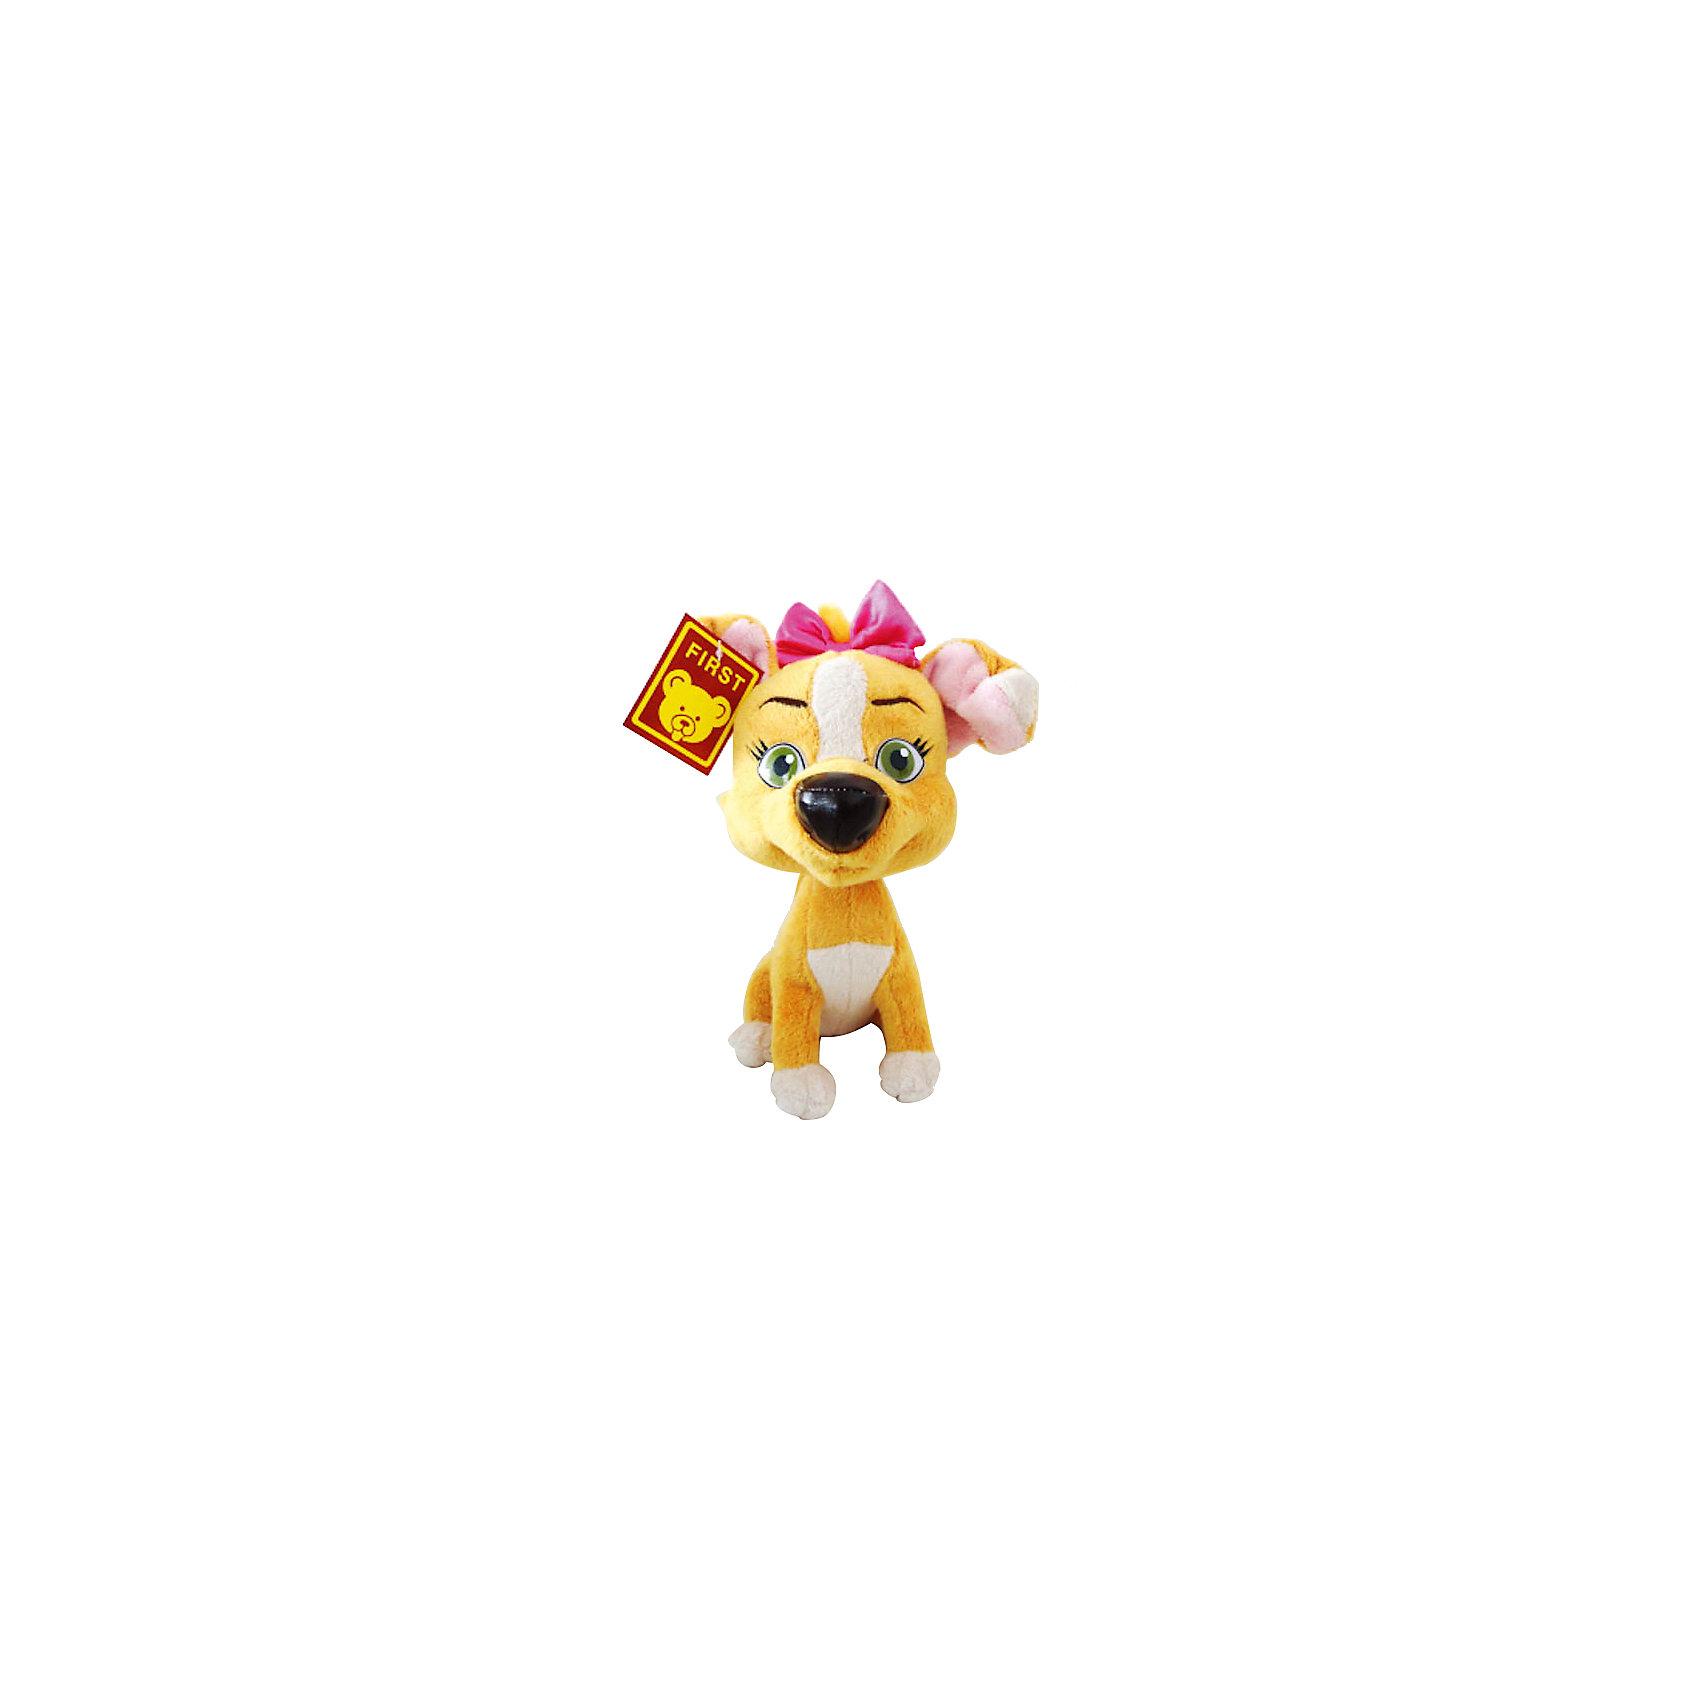 Мягкая игрушка Дина, со звуком, Белка и Стрелка, МУЛЬТИ-ПУЛЬТИЛюбимые герои<br>Если Ваш ребенка обожает мультфильм Белка и Стрелка, ему никак не обойтись без симпатичной собачки Дины! Дина - это один из трех щенков звездной собаки Белки и пса Казбека. Она, как и все ее браться и сестры, все время попадает в разные передряги. Очаровательная мягкая игрушка Мульти-Пульти Собачка Дина станет малышу хорошим другом, с которым можно с увлечением играть, а также сладко засыпать. Эта добрая, милая игрушка обязательно принесет радость маленькому ребенку. Дина выглядит очень дружелюбно. Игрушка выполнена из мягкого плюшевого материала. Малыш будет разыгрывать замечательные истории и слушать песенки, ведь собачка Дина еще и очень музыкальная! Дина выполнена из безопасных материалов и станет прекрасным дополнением коллекции Белка и Стрелка!<br><br>Дополнительная информация:<br><br>- Игрушка с музыкальным блоком;<br>- Понравится любителям мультфильма Белка и Стрелка;<br>- Мягкая и приятная на ощупь;<br>- Материал: плюш;<br>- 3 батареи LR44 (входят в комплект)<br>- Высота: 23 см;<br>- Размер упаковки: 20 х 10 х 17 см;<br>- Вес: 250 г<br><br>Мягкую игрушку Дина, со звуком, Белка и Стрелка, МУЛЬТИ-ПУЛЬТИ можно купить в нашем интернет-магазине.<br><br>Ширина мм: 200<br>Глубина мм: 100<br>Высота мм: 170<br>Вес г: 250<br>Возраст от месяцев: 12<br>Возраст до месяцев: 60<br>Пол: Унисекс<br>Возраст: Детский<br>SKU: 3939482